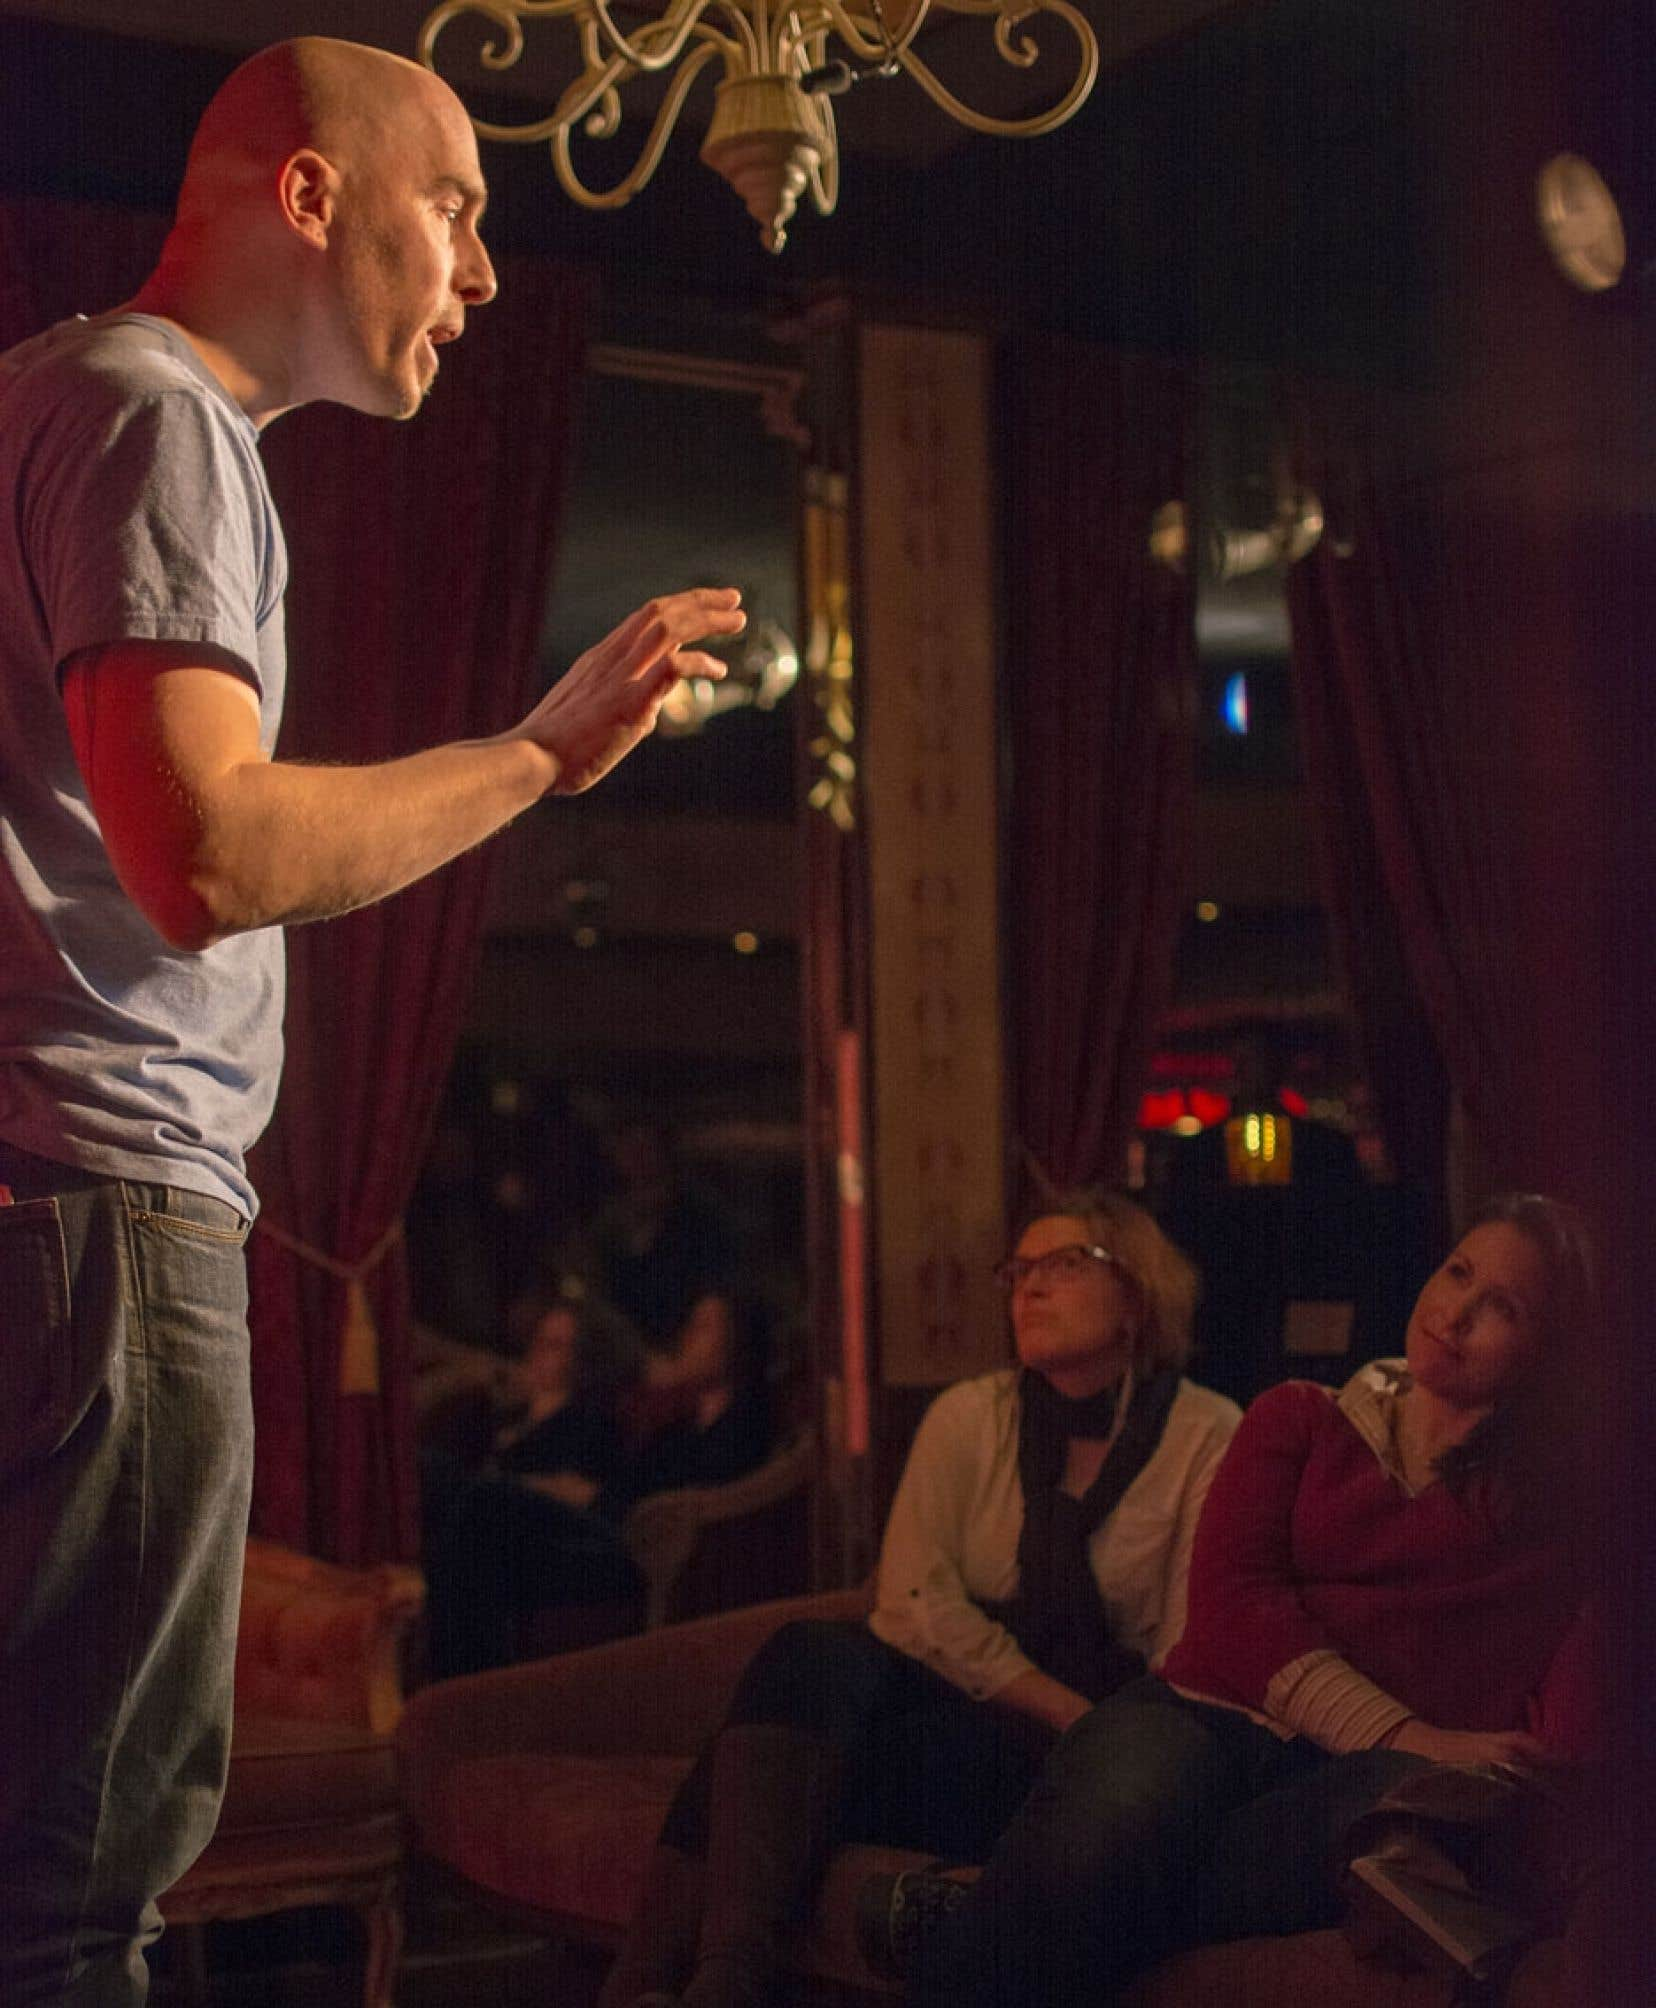 Paul Bradley capte l'attention des participants aux dimanches du conte du Gainzbar à Montréal.